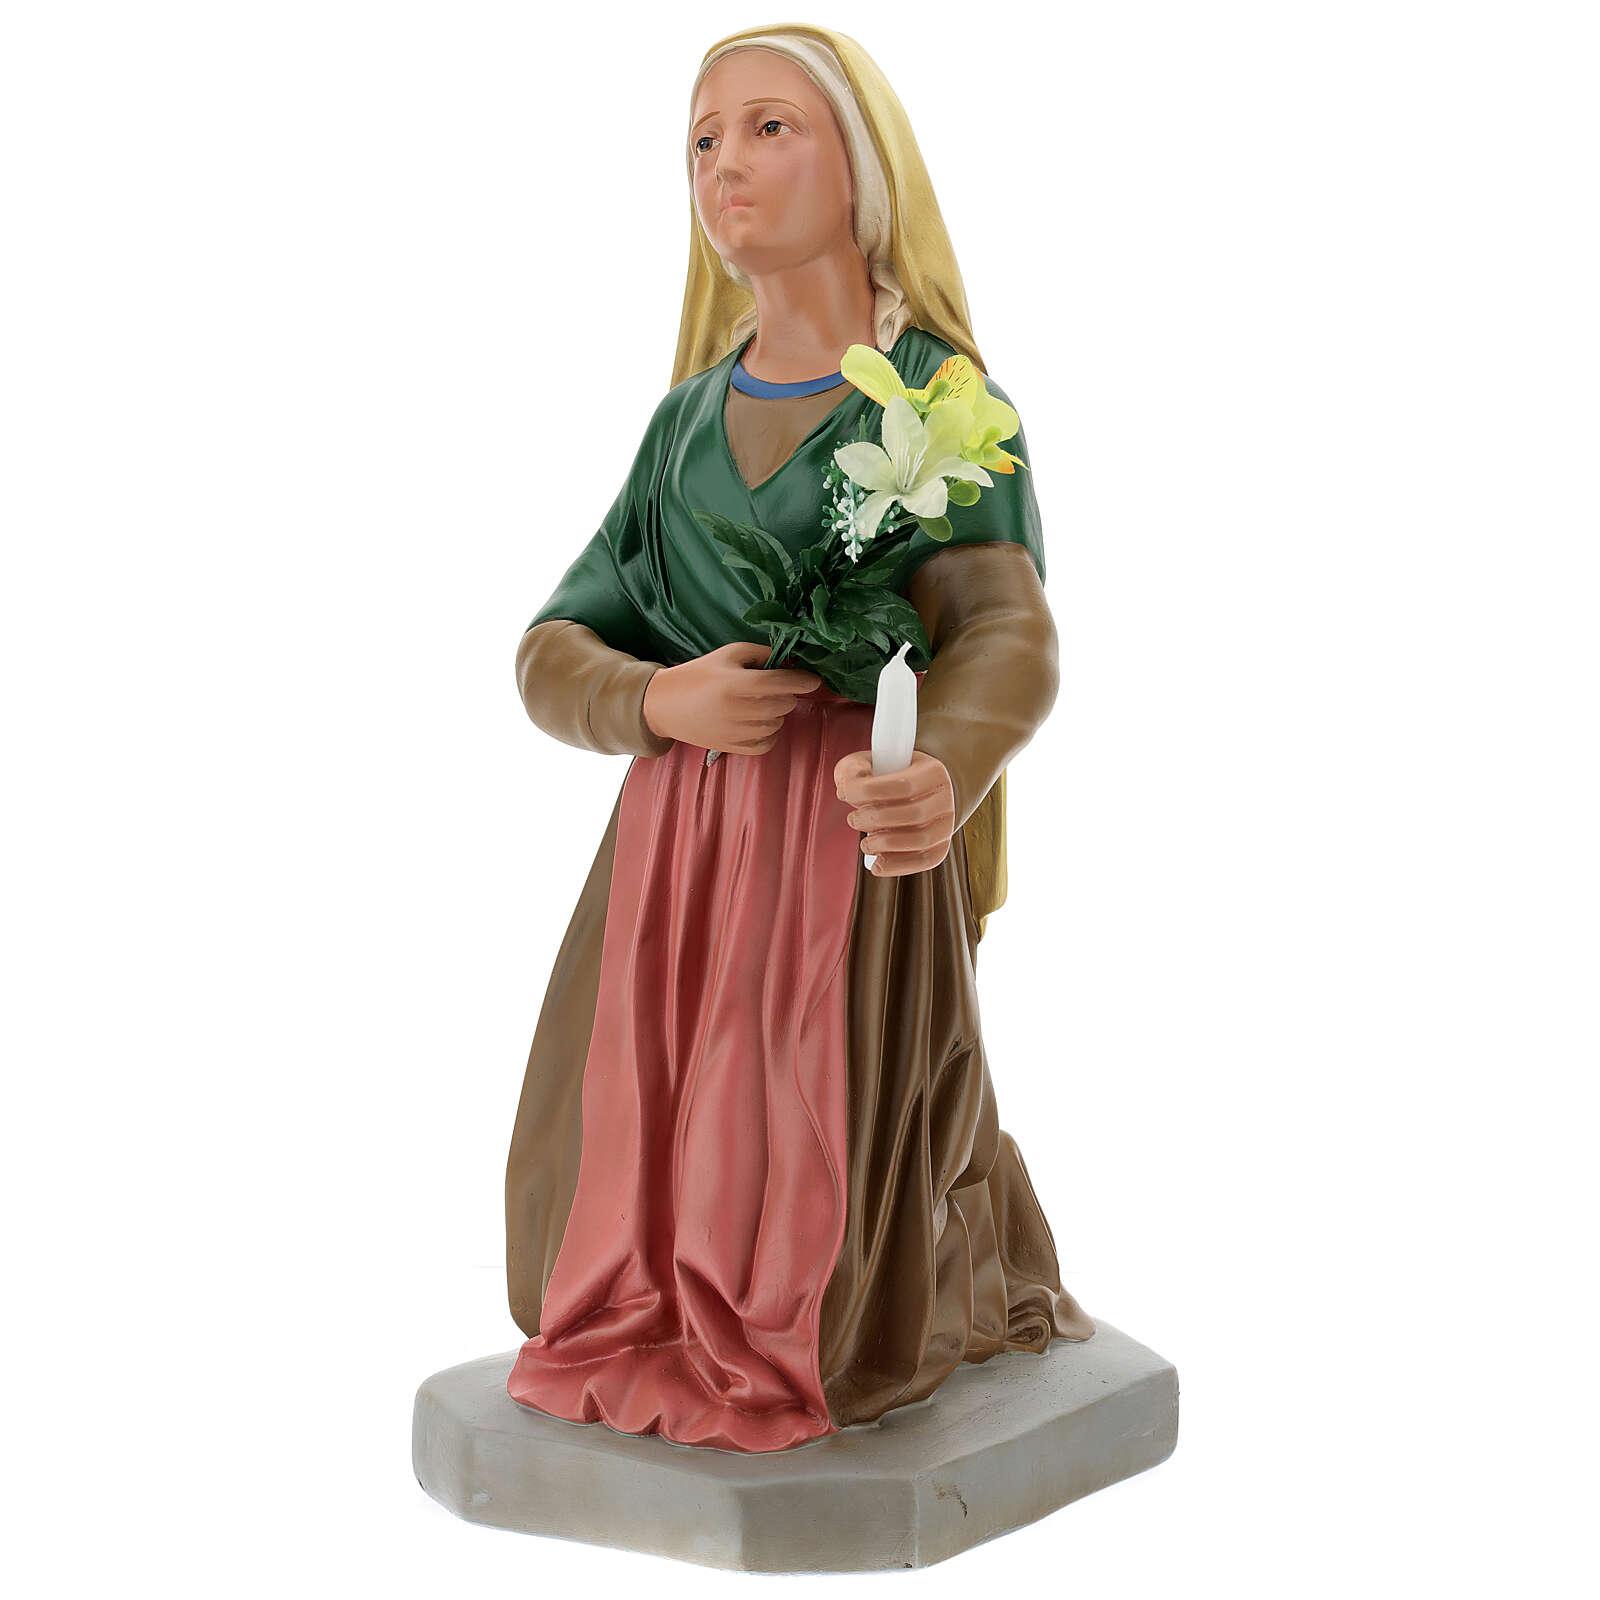 Hand-painted plaster statue of Saint Bernadette 32 in Arte Barsanti 4